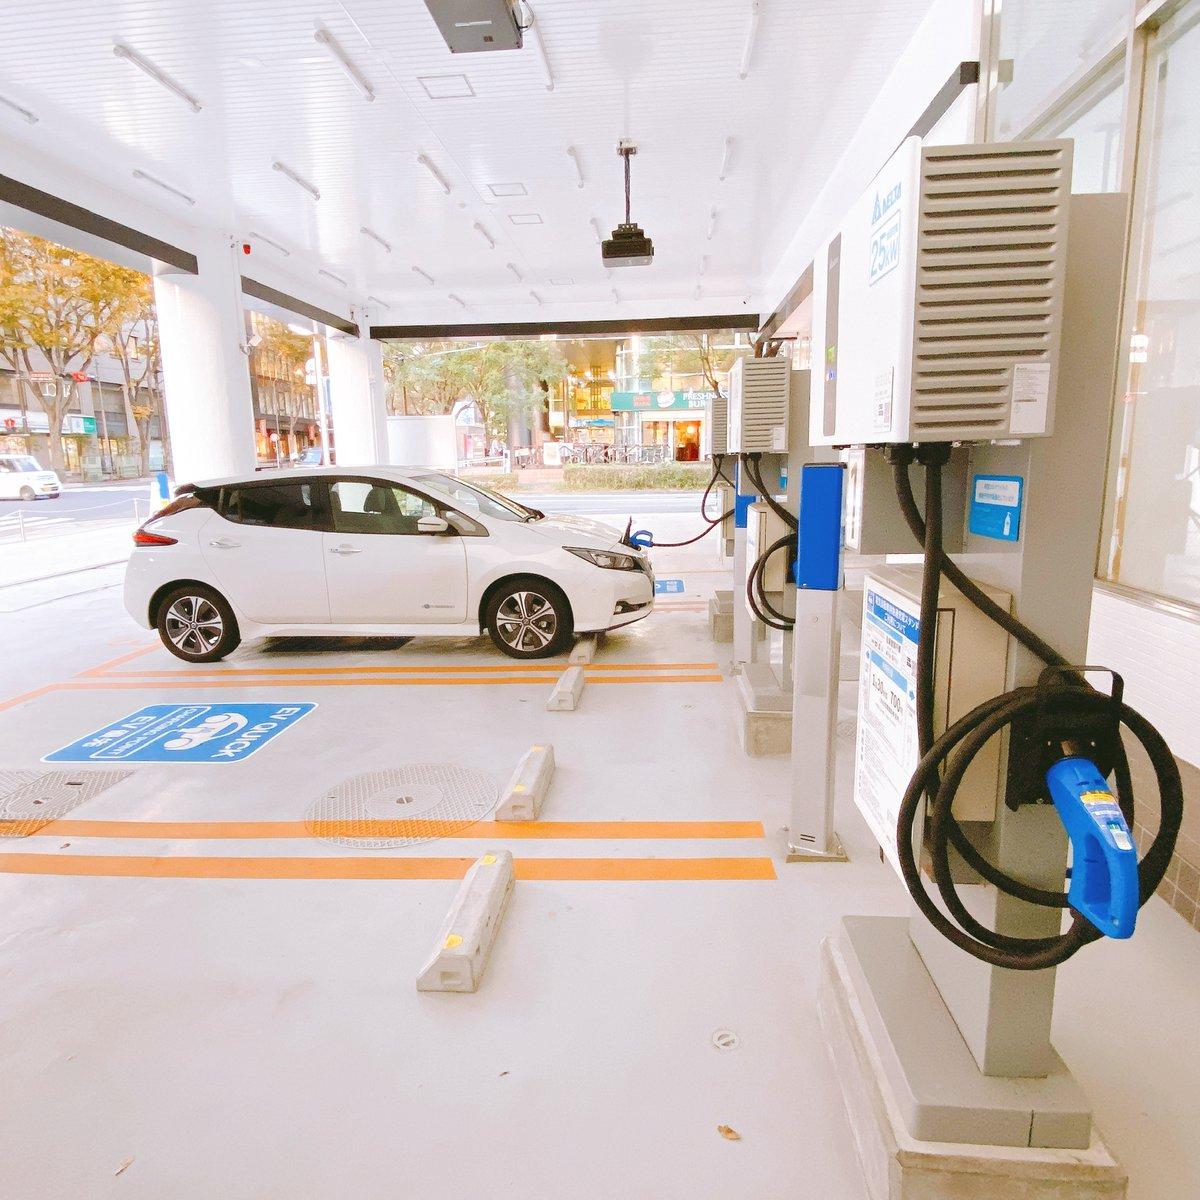 充電中にちょっとそこまで😊 EZQCアプリが充電完了をお知らせしてくれるので、充電中にお車から離れても安心です。  #nissanleaf #tesla #bmwi3 #jaguaripace #mistubishioutlander #bmwi8 #audietron #innergiecafe #yokohama #ezqc #evstation #deltaevstation #電気自動車 #ev充電 #ev充電スタンド